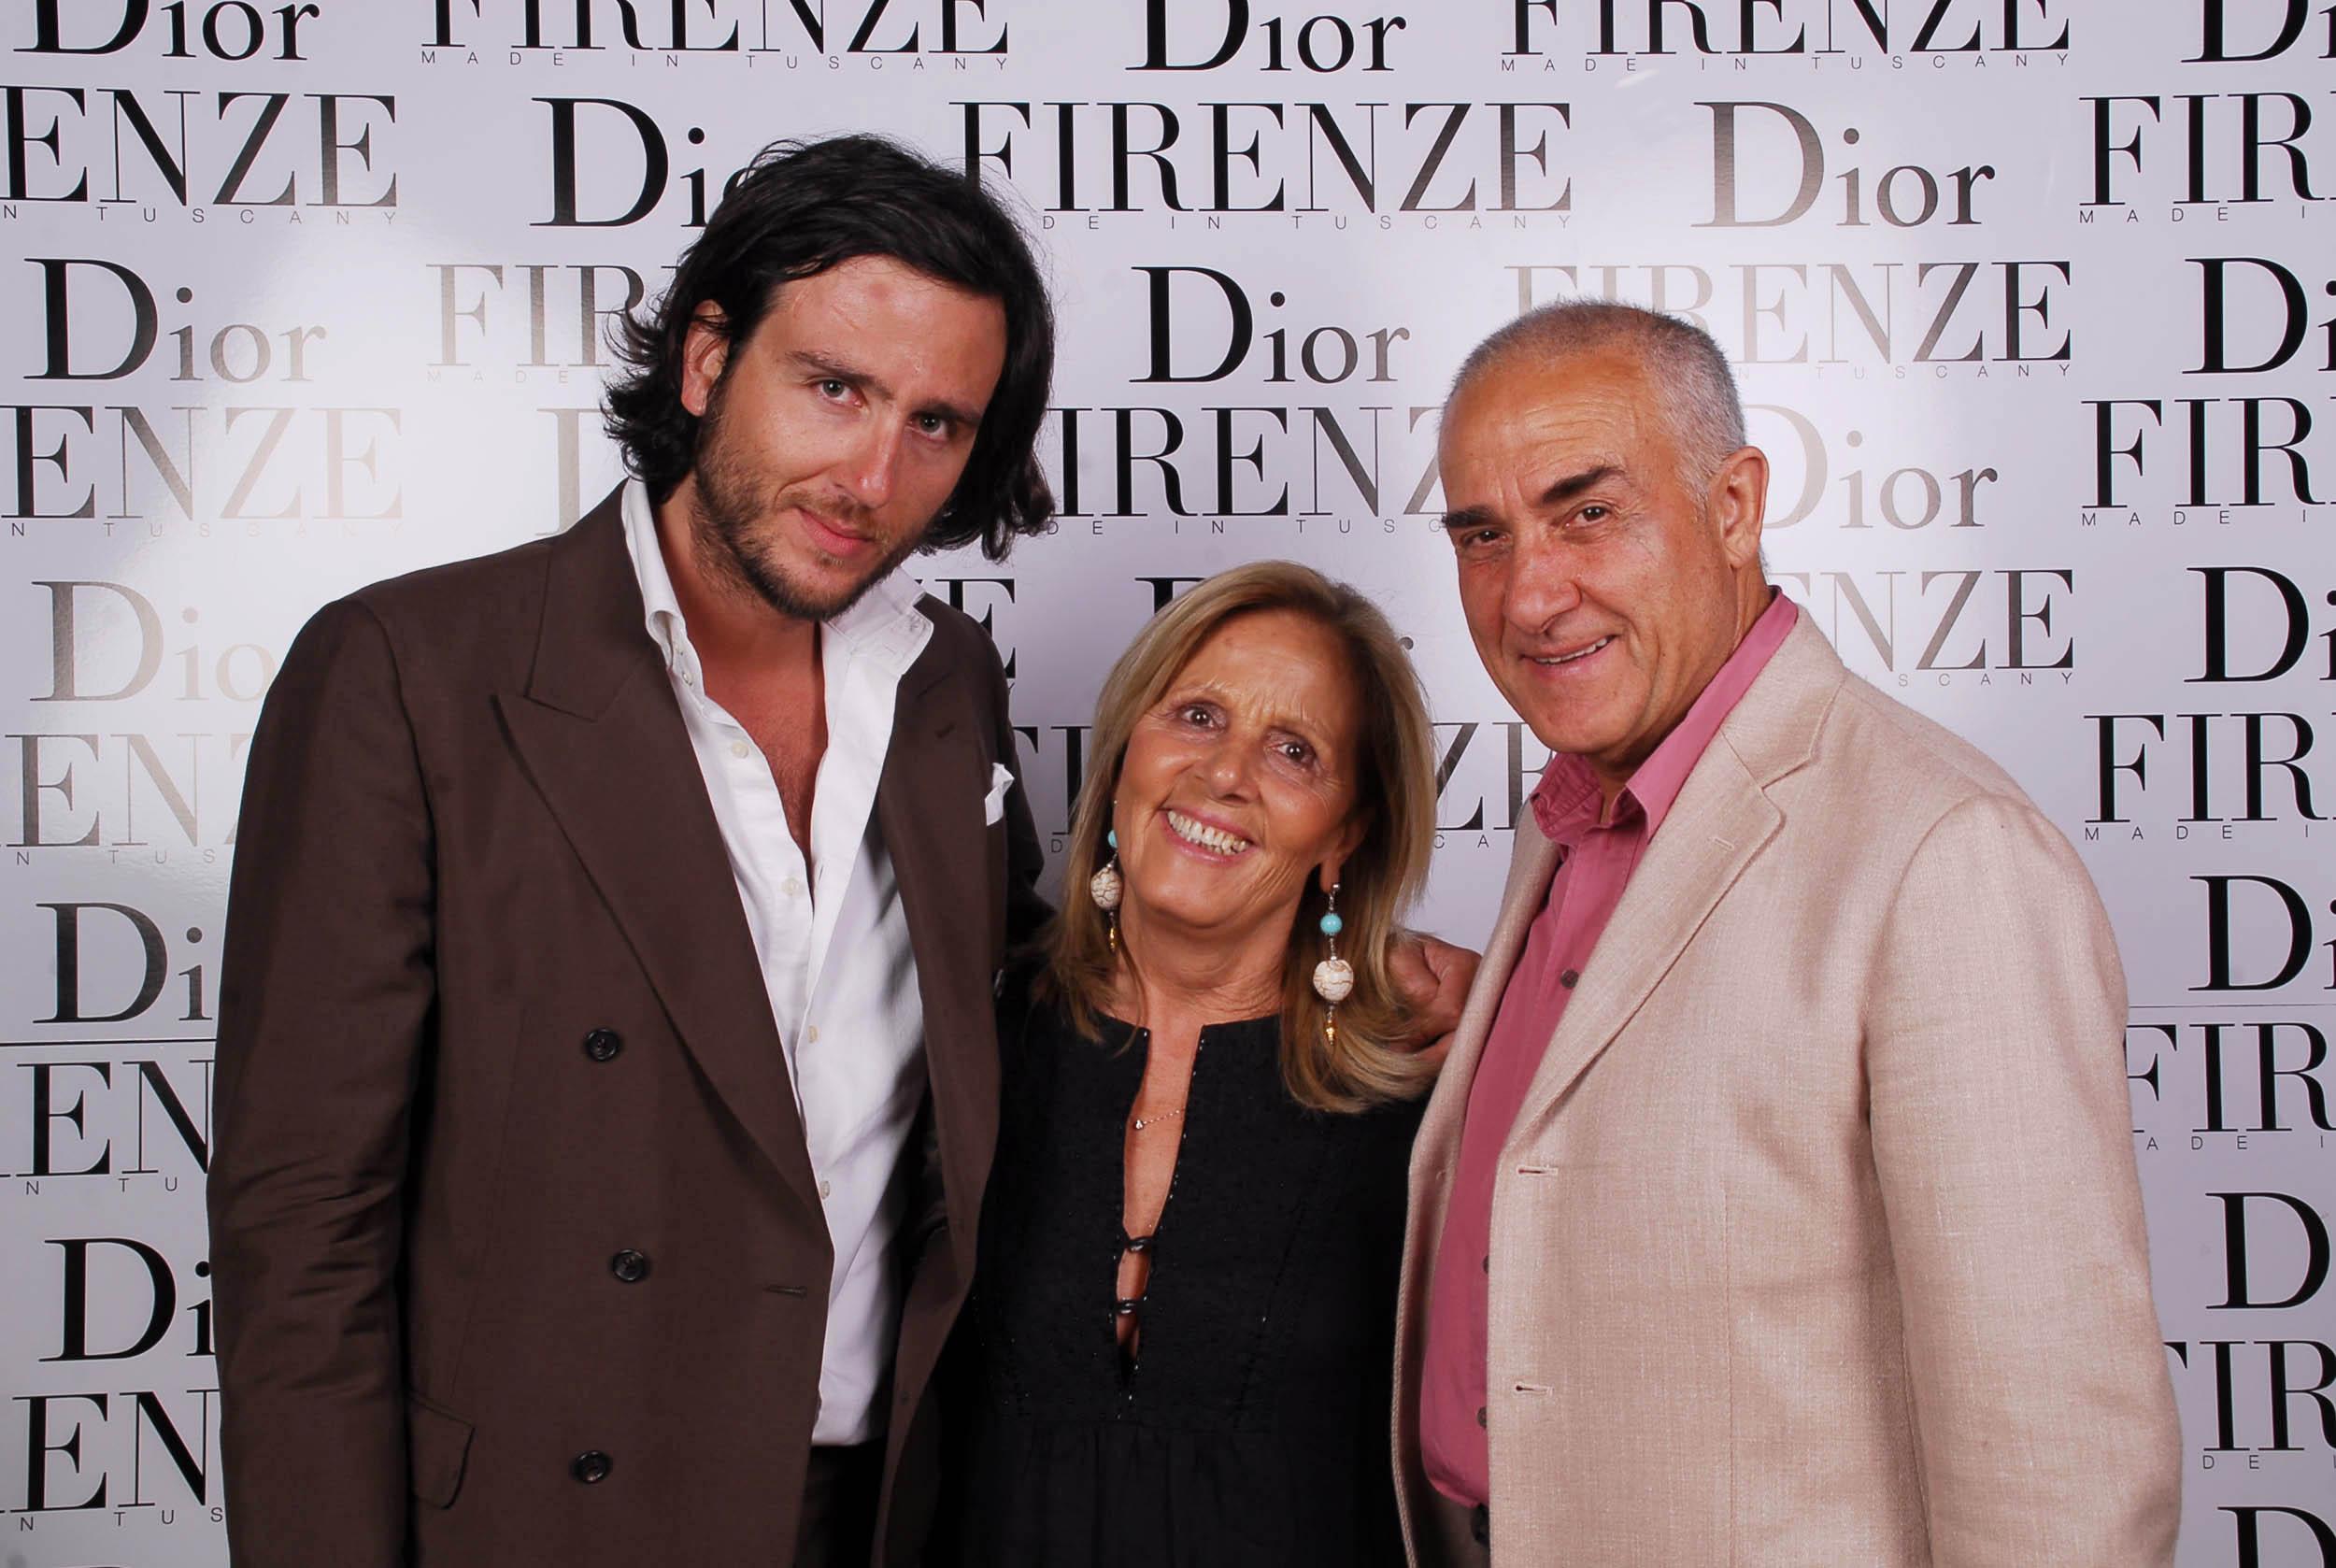 PRESSPHOTO  Firenze, evento Dior al teatro romano di Fiesole. Nella foto famiglia Lana